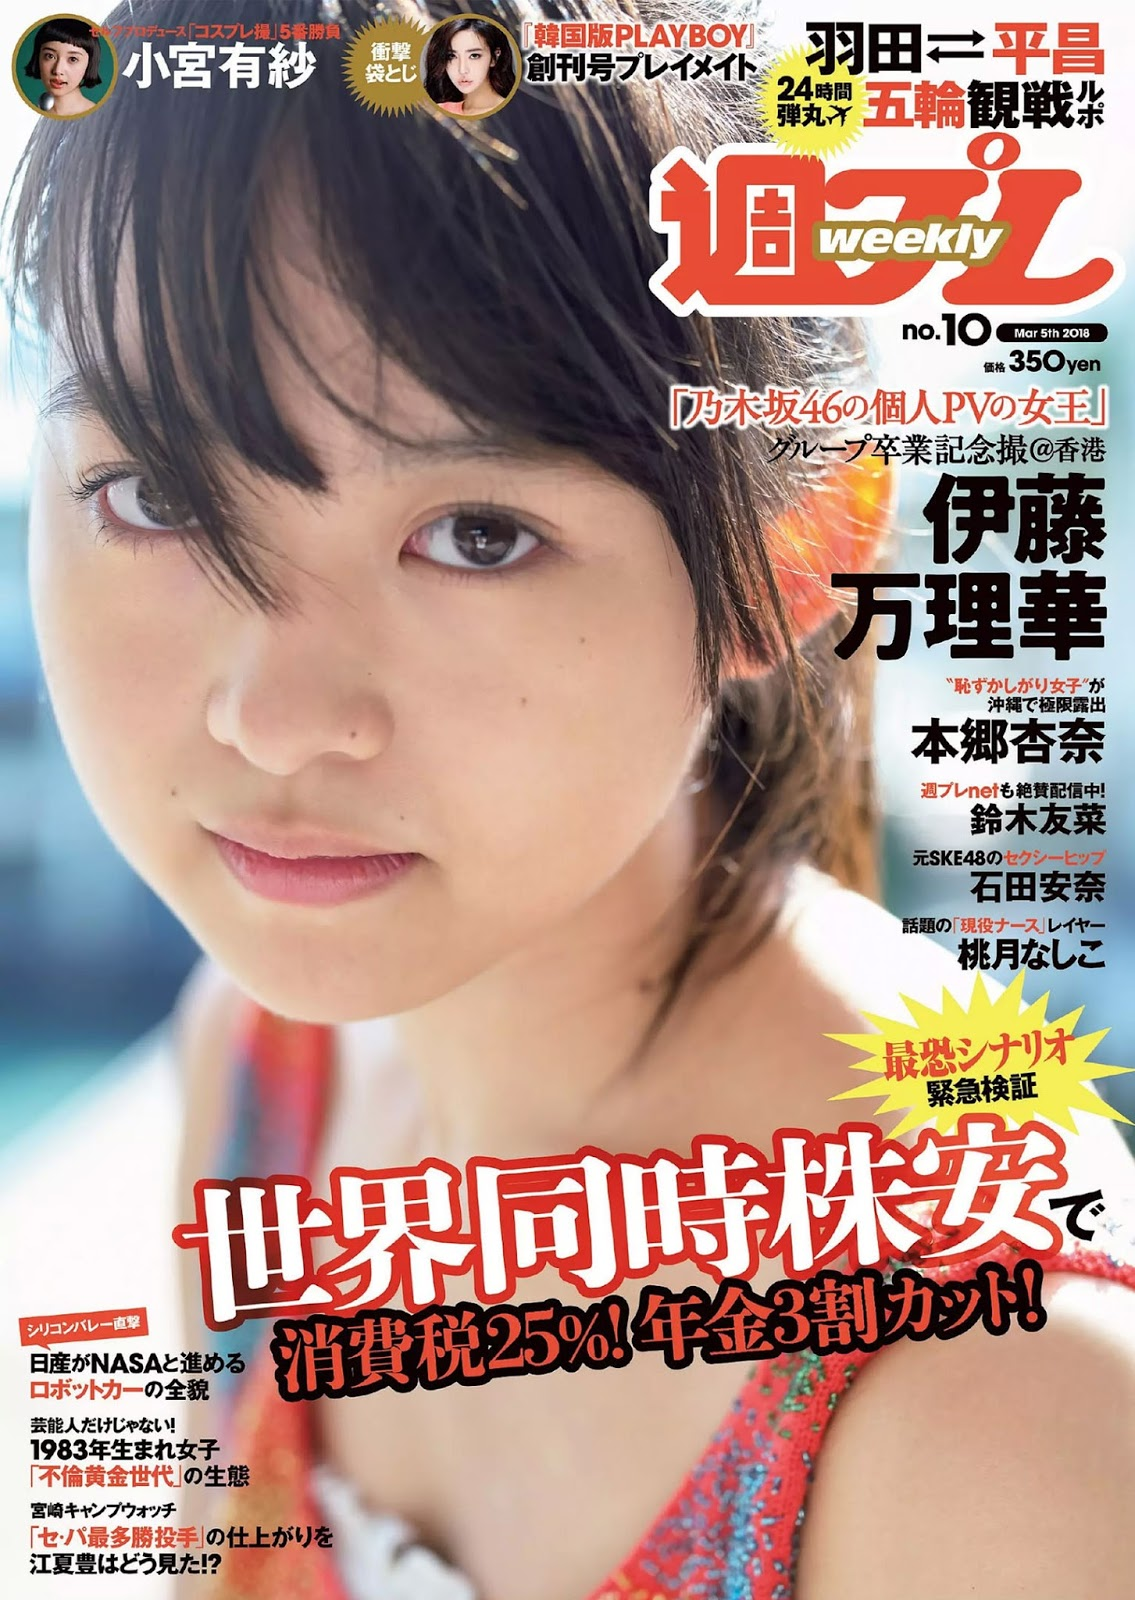 Ito Marika 伊藤万理華, Weekly Playboy 2018 No.10 (週刊プレイボーイ 2018年10号)